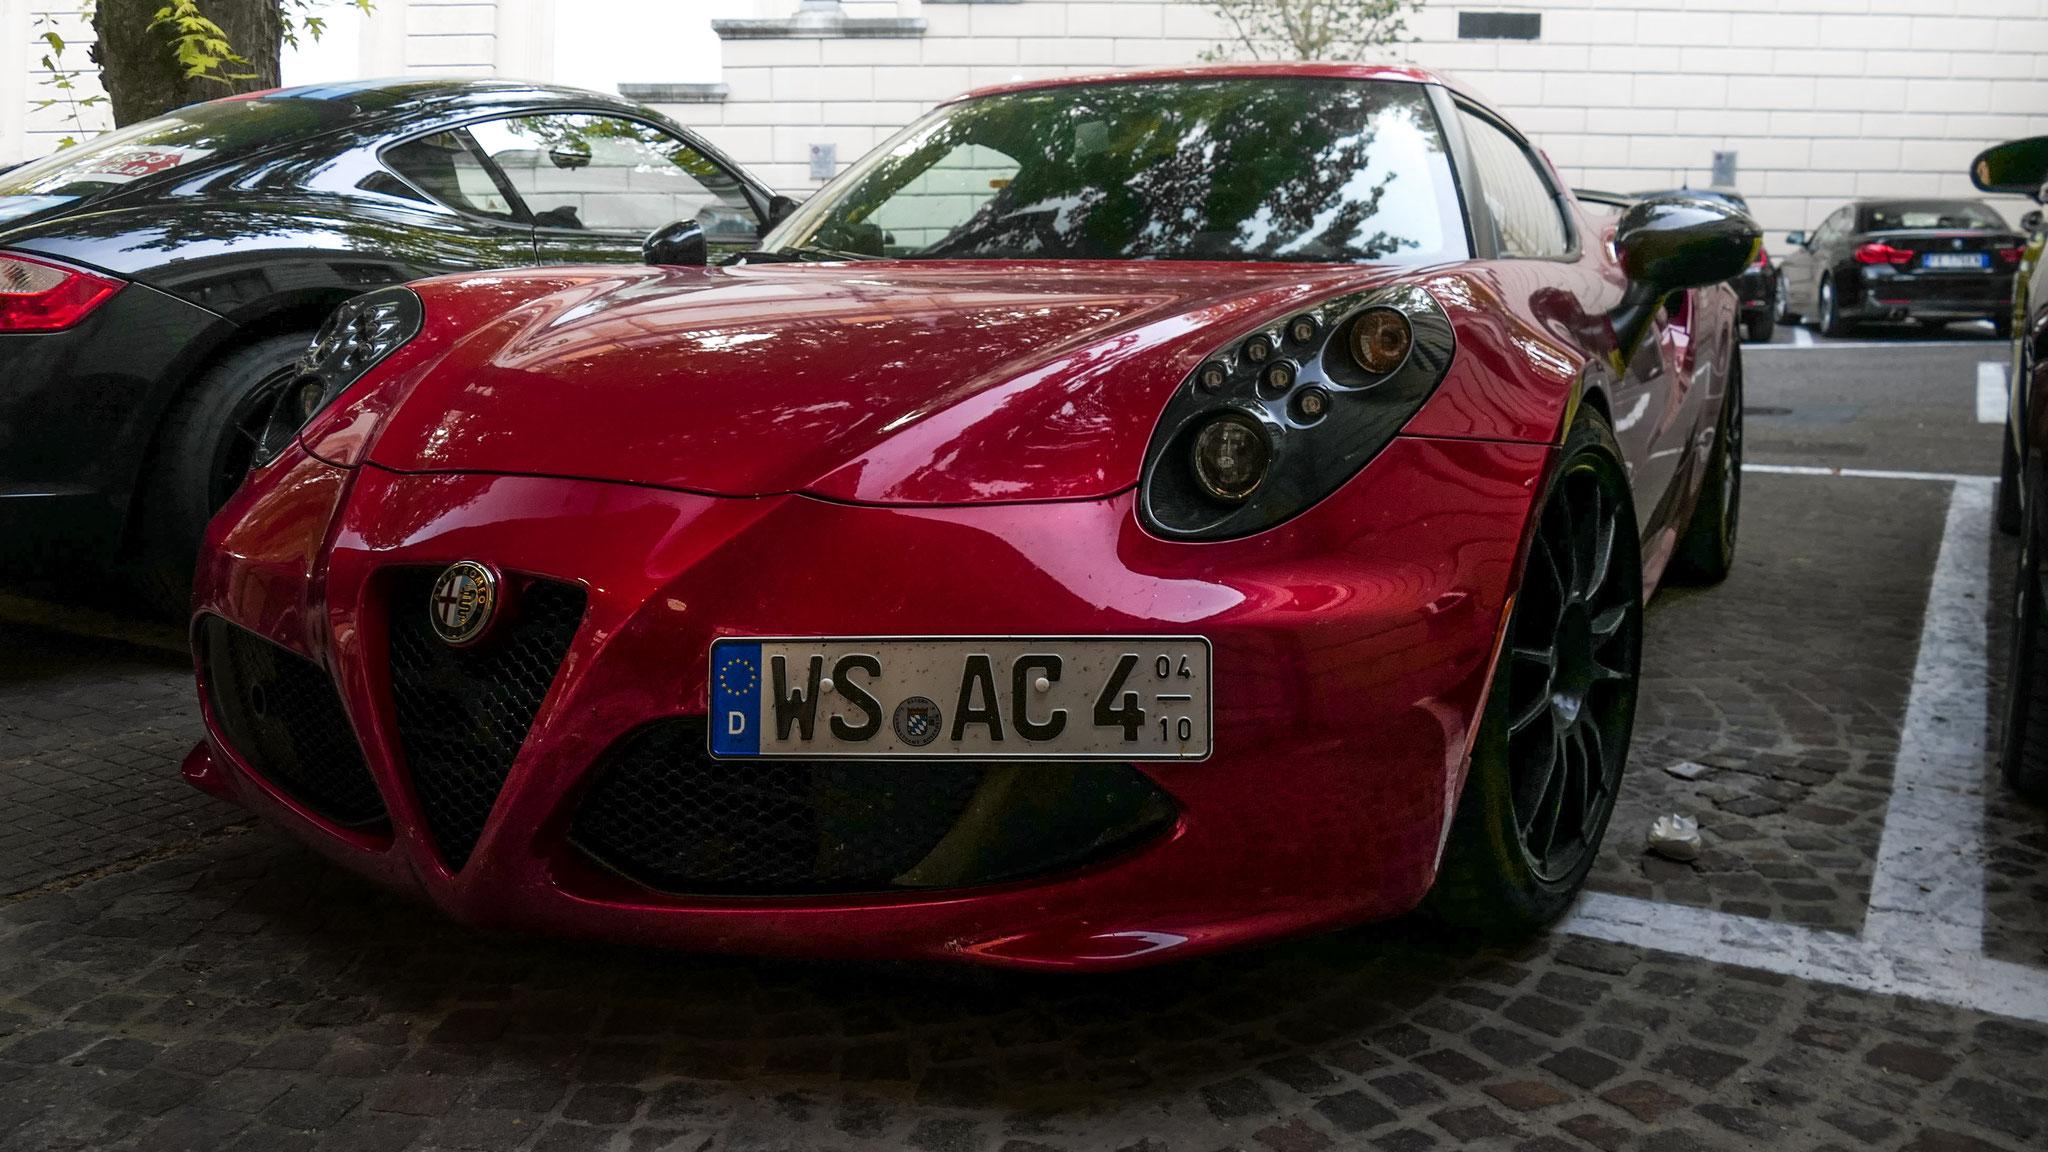 Alfa Romeo 4C - WS-AC-4